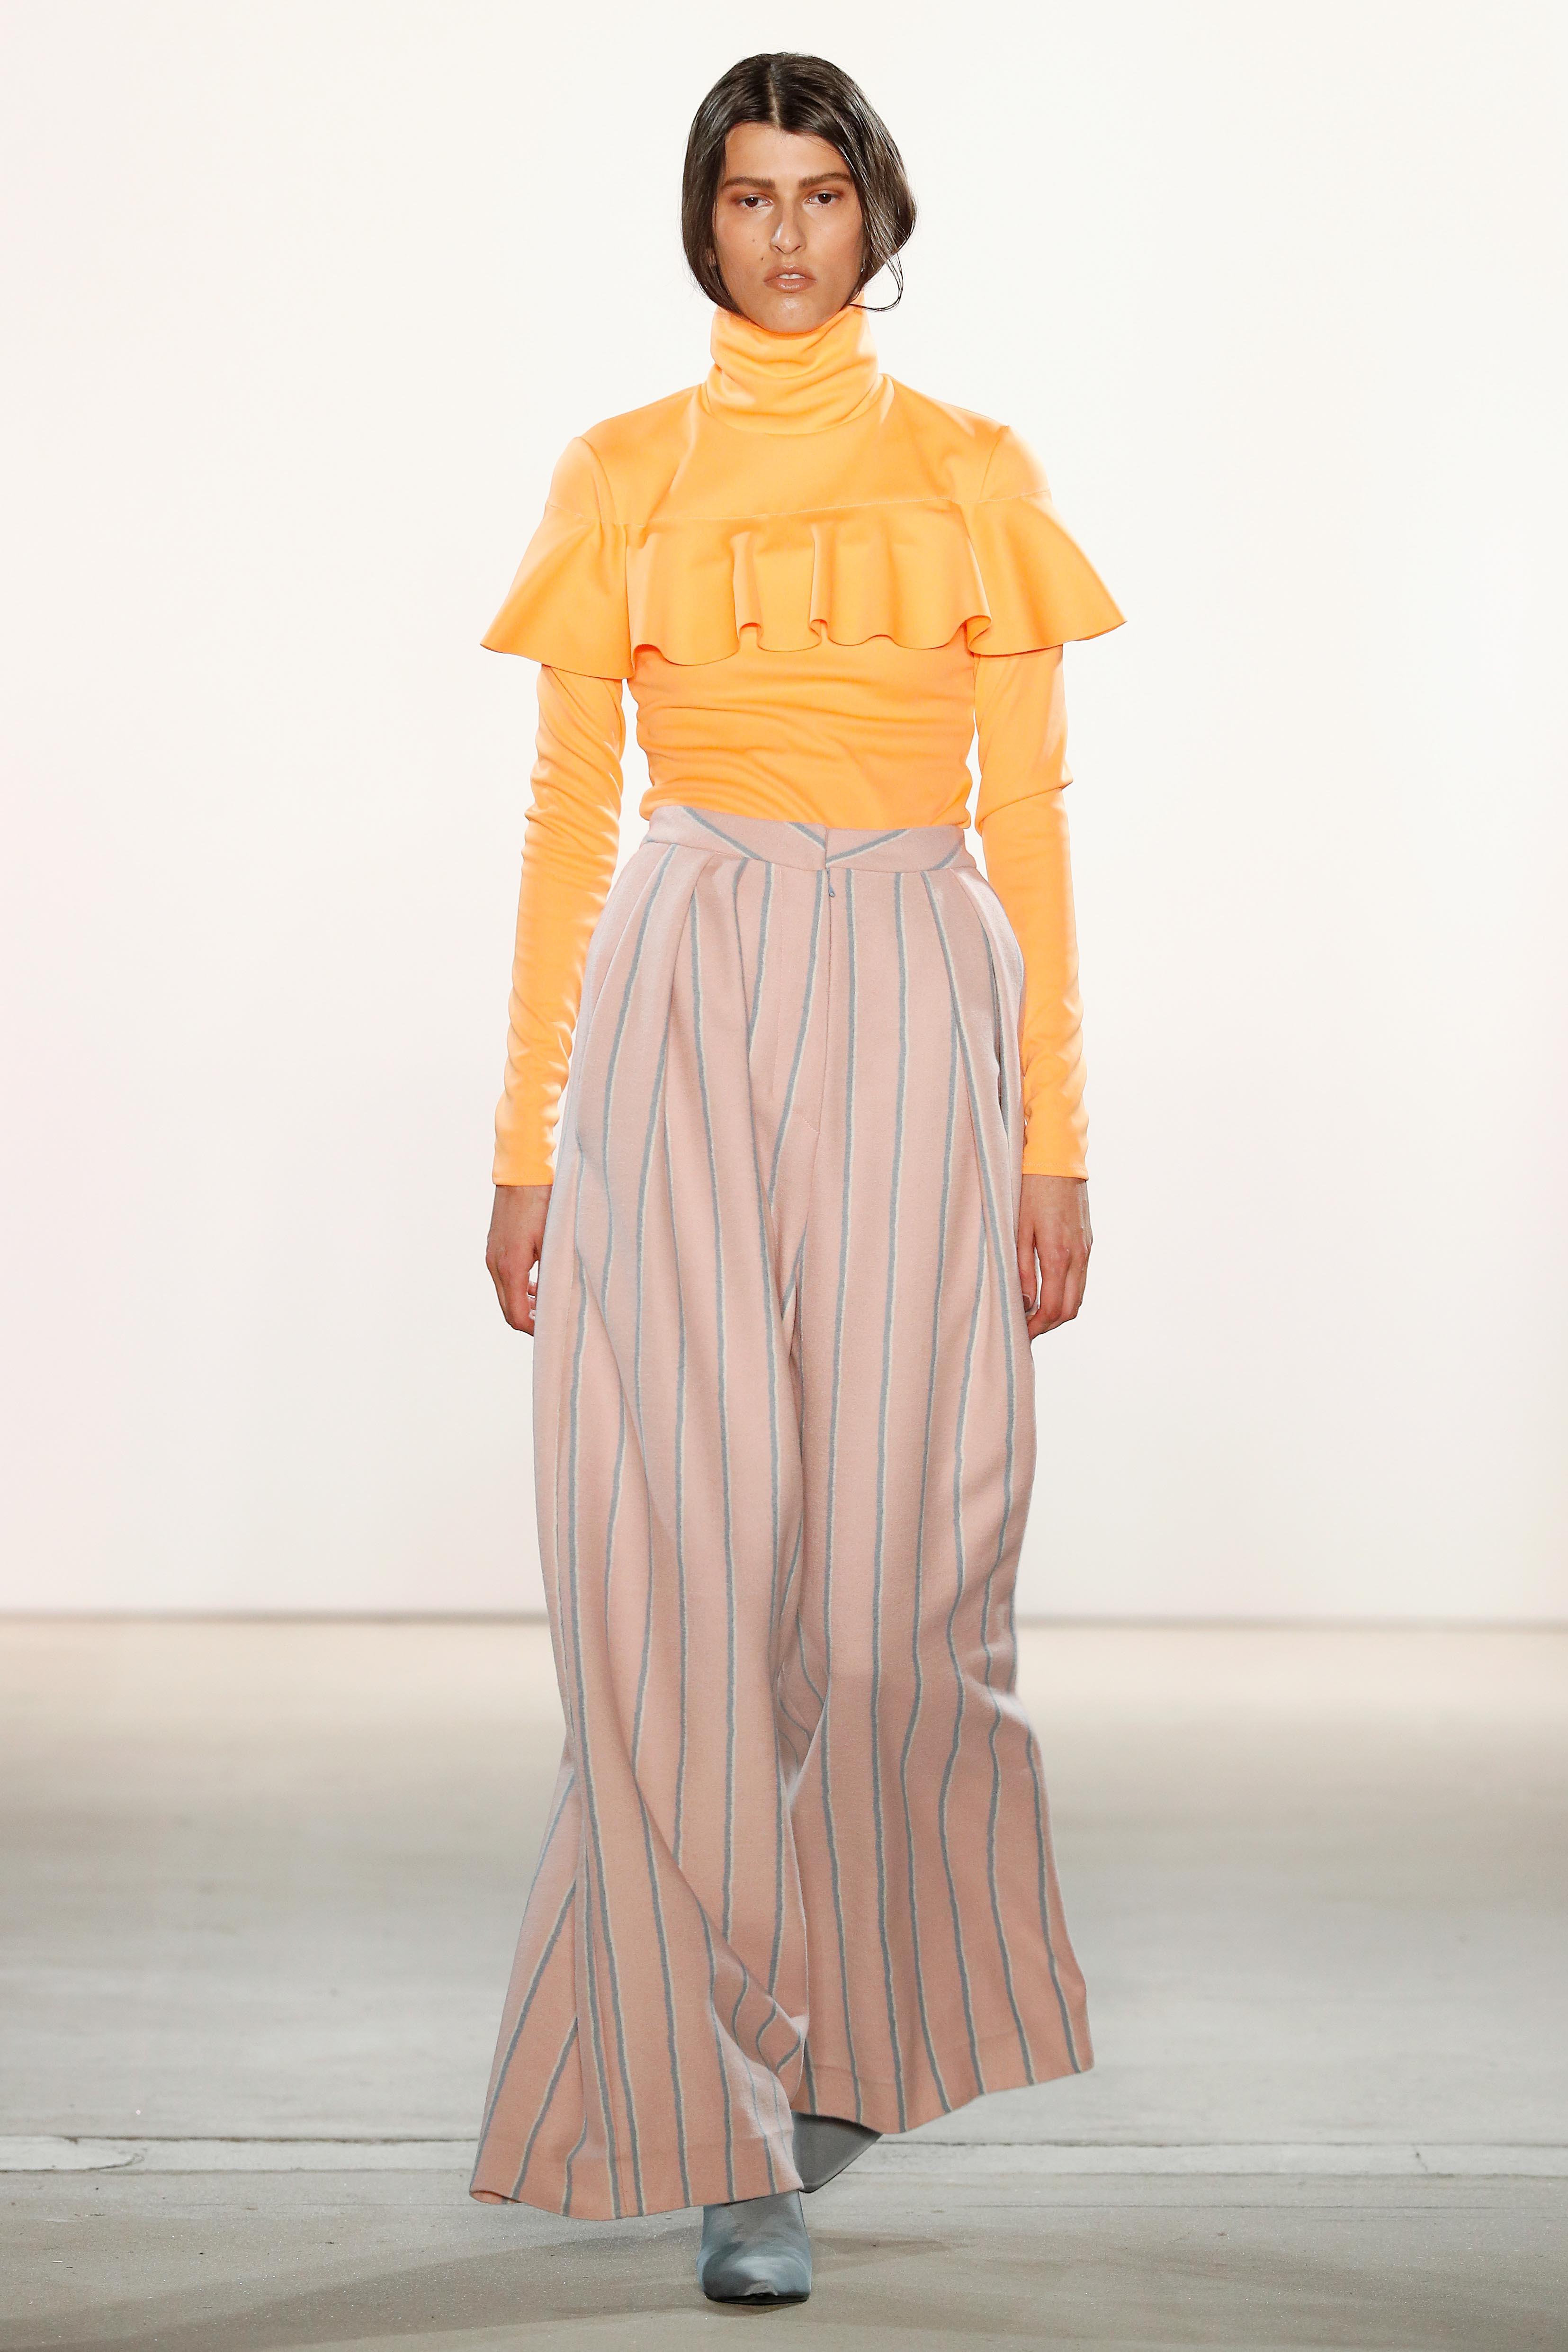 Franziska Michael Show - Mercedes-Benz Fashion Week Berlin Spring/Summer 2018